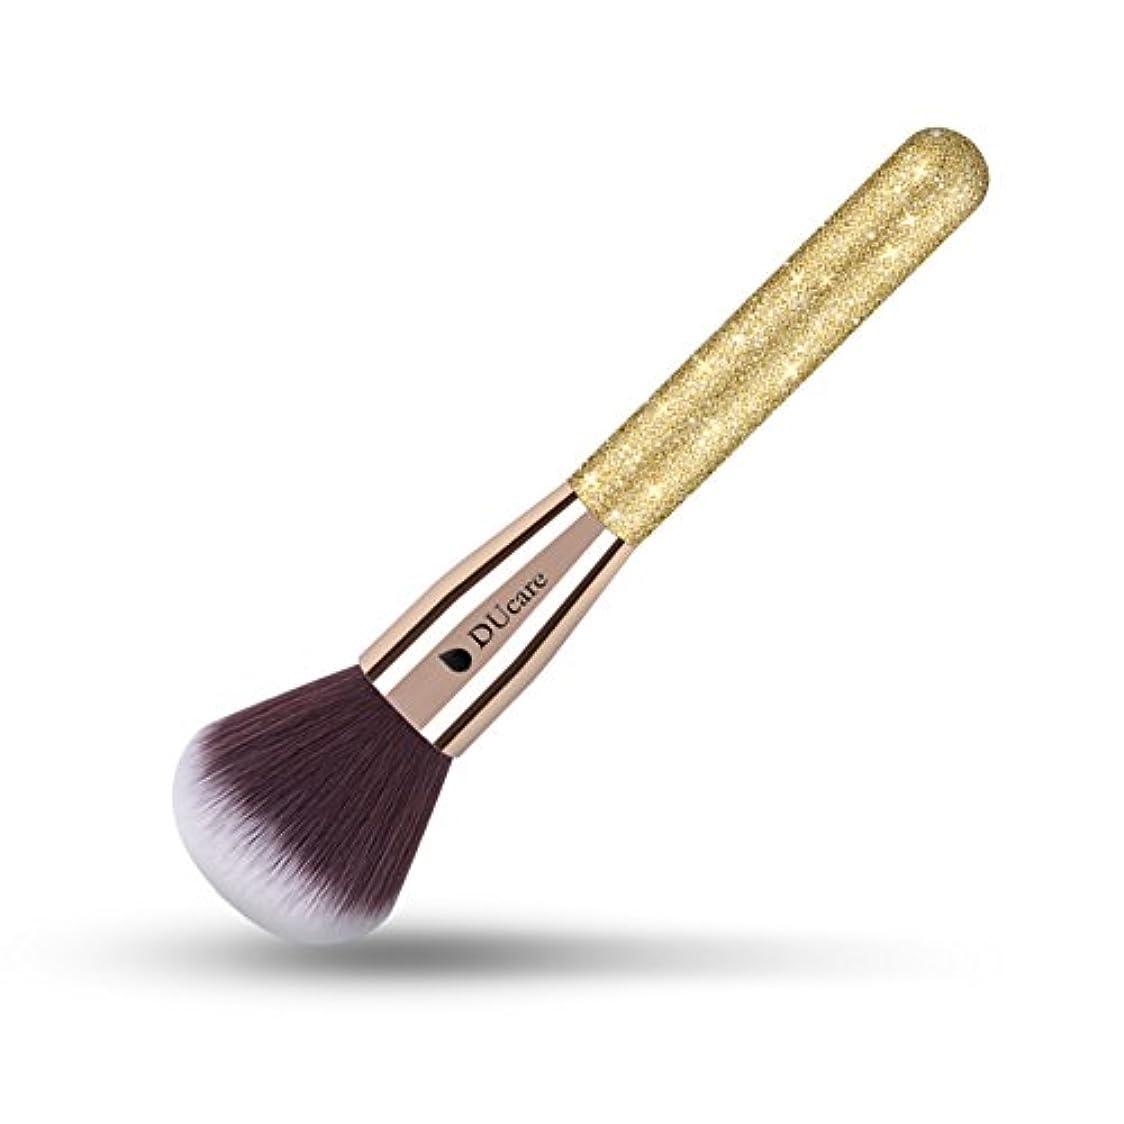 突撃計り知れないサワーDUcare ドゥケア 化粧筆 フェイスブラシ パウダー&チークブラシ (1本, ゴールデン) 同じシリーズでファンデーションブラシ、フィニッシングブラシあり